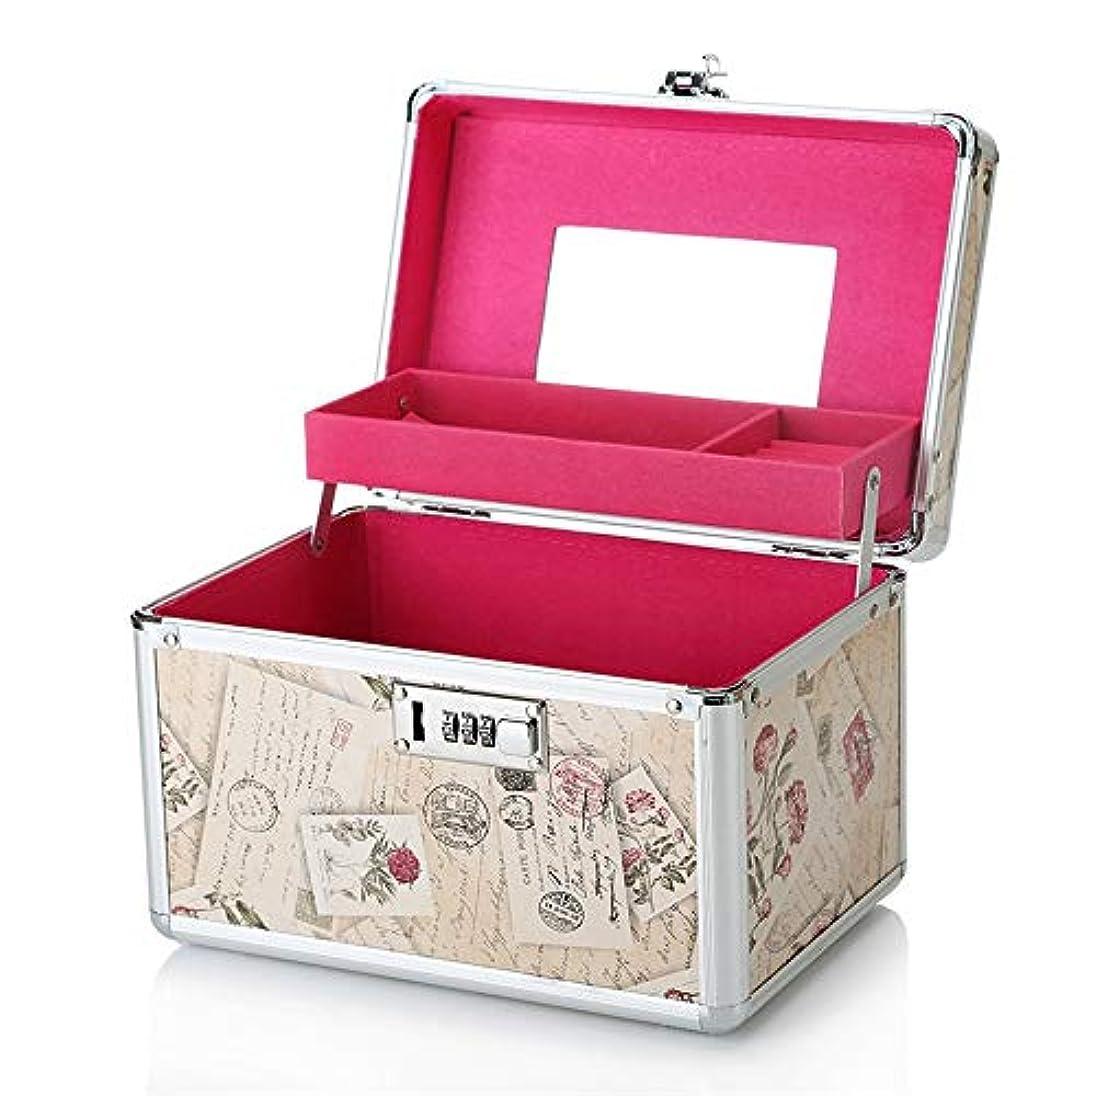 光フィードバック麻痺特大スペース収納ビューティーボックス 美の構造のためそしてジッパーおよび折る皿が付いている女の子の女性旅行そして毎日の貯蔵のための高容量の携帯用化粧品袋 化粧品化粧台